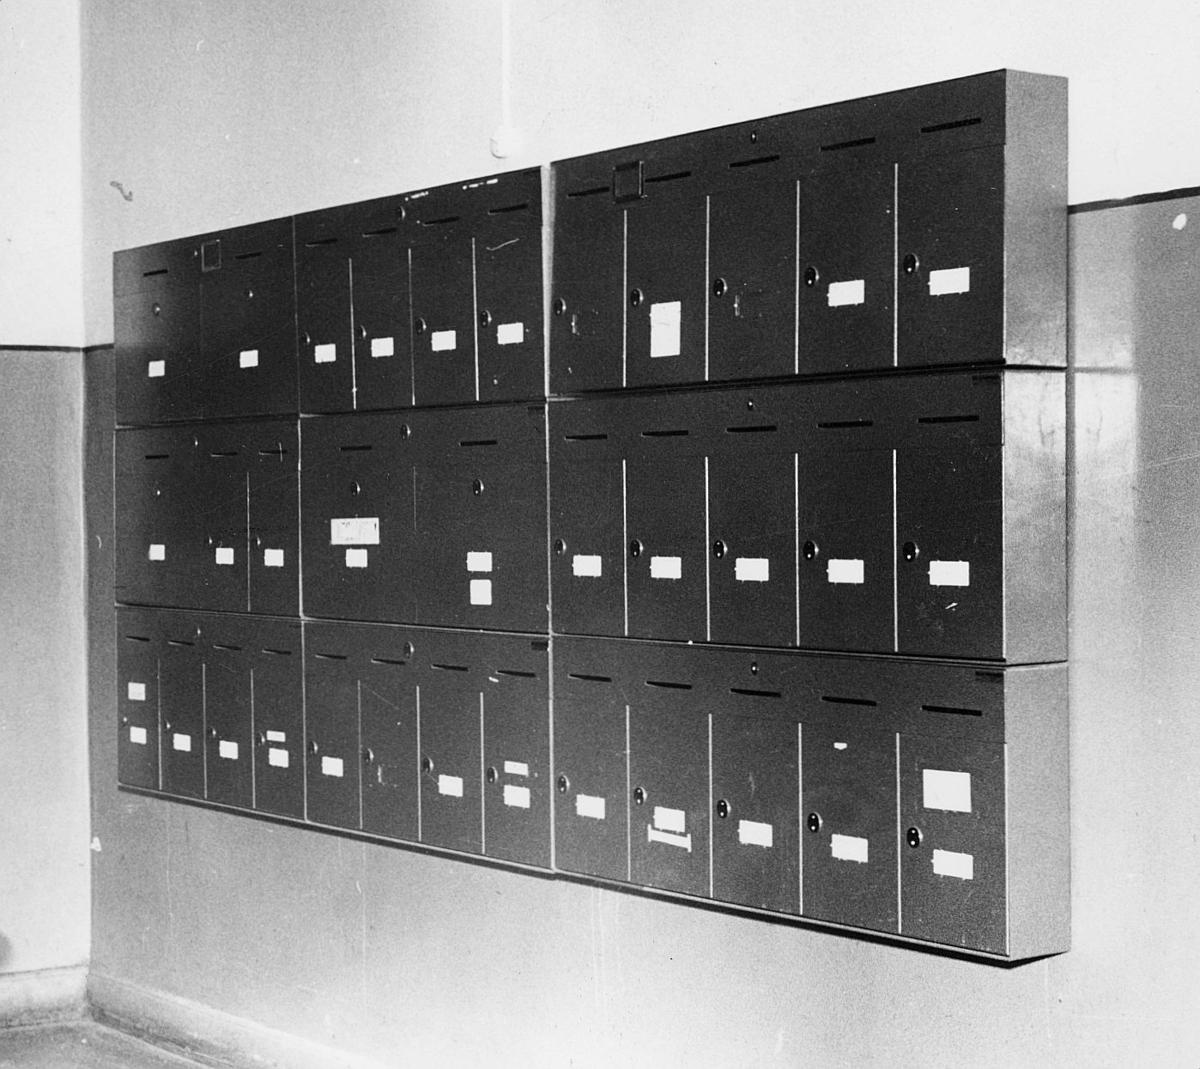 postkasser, private, postkasseanlegg, festet på vegg, interiør